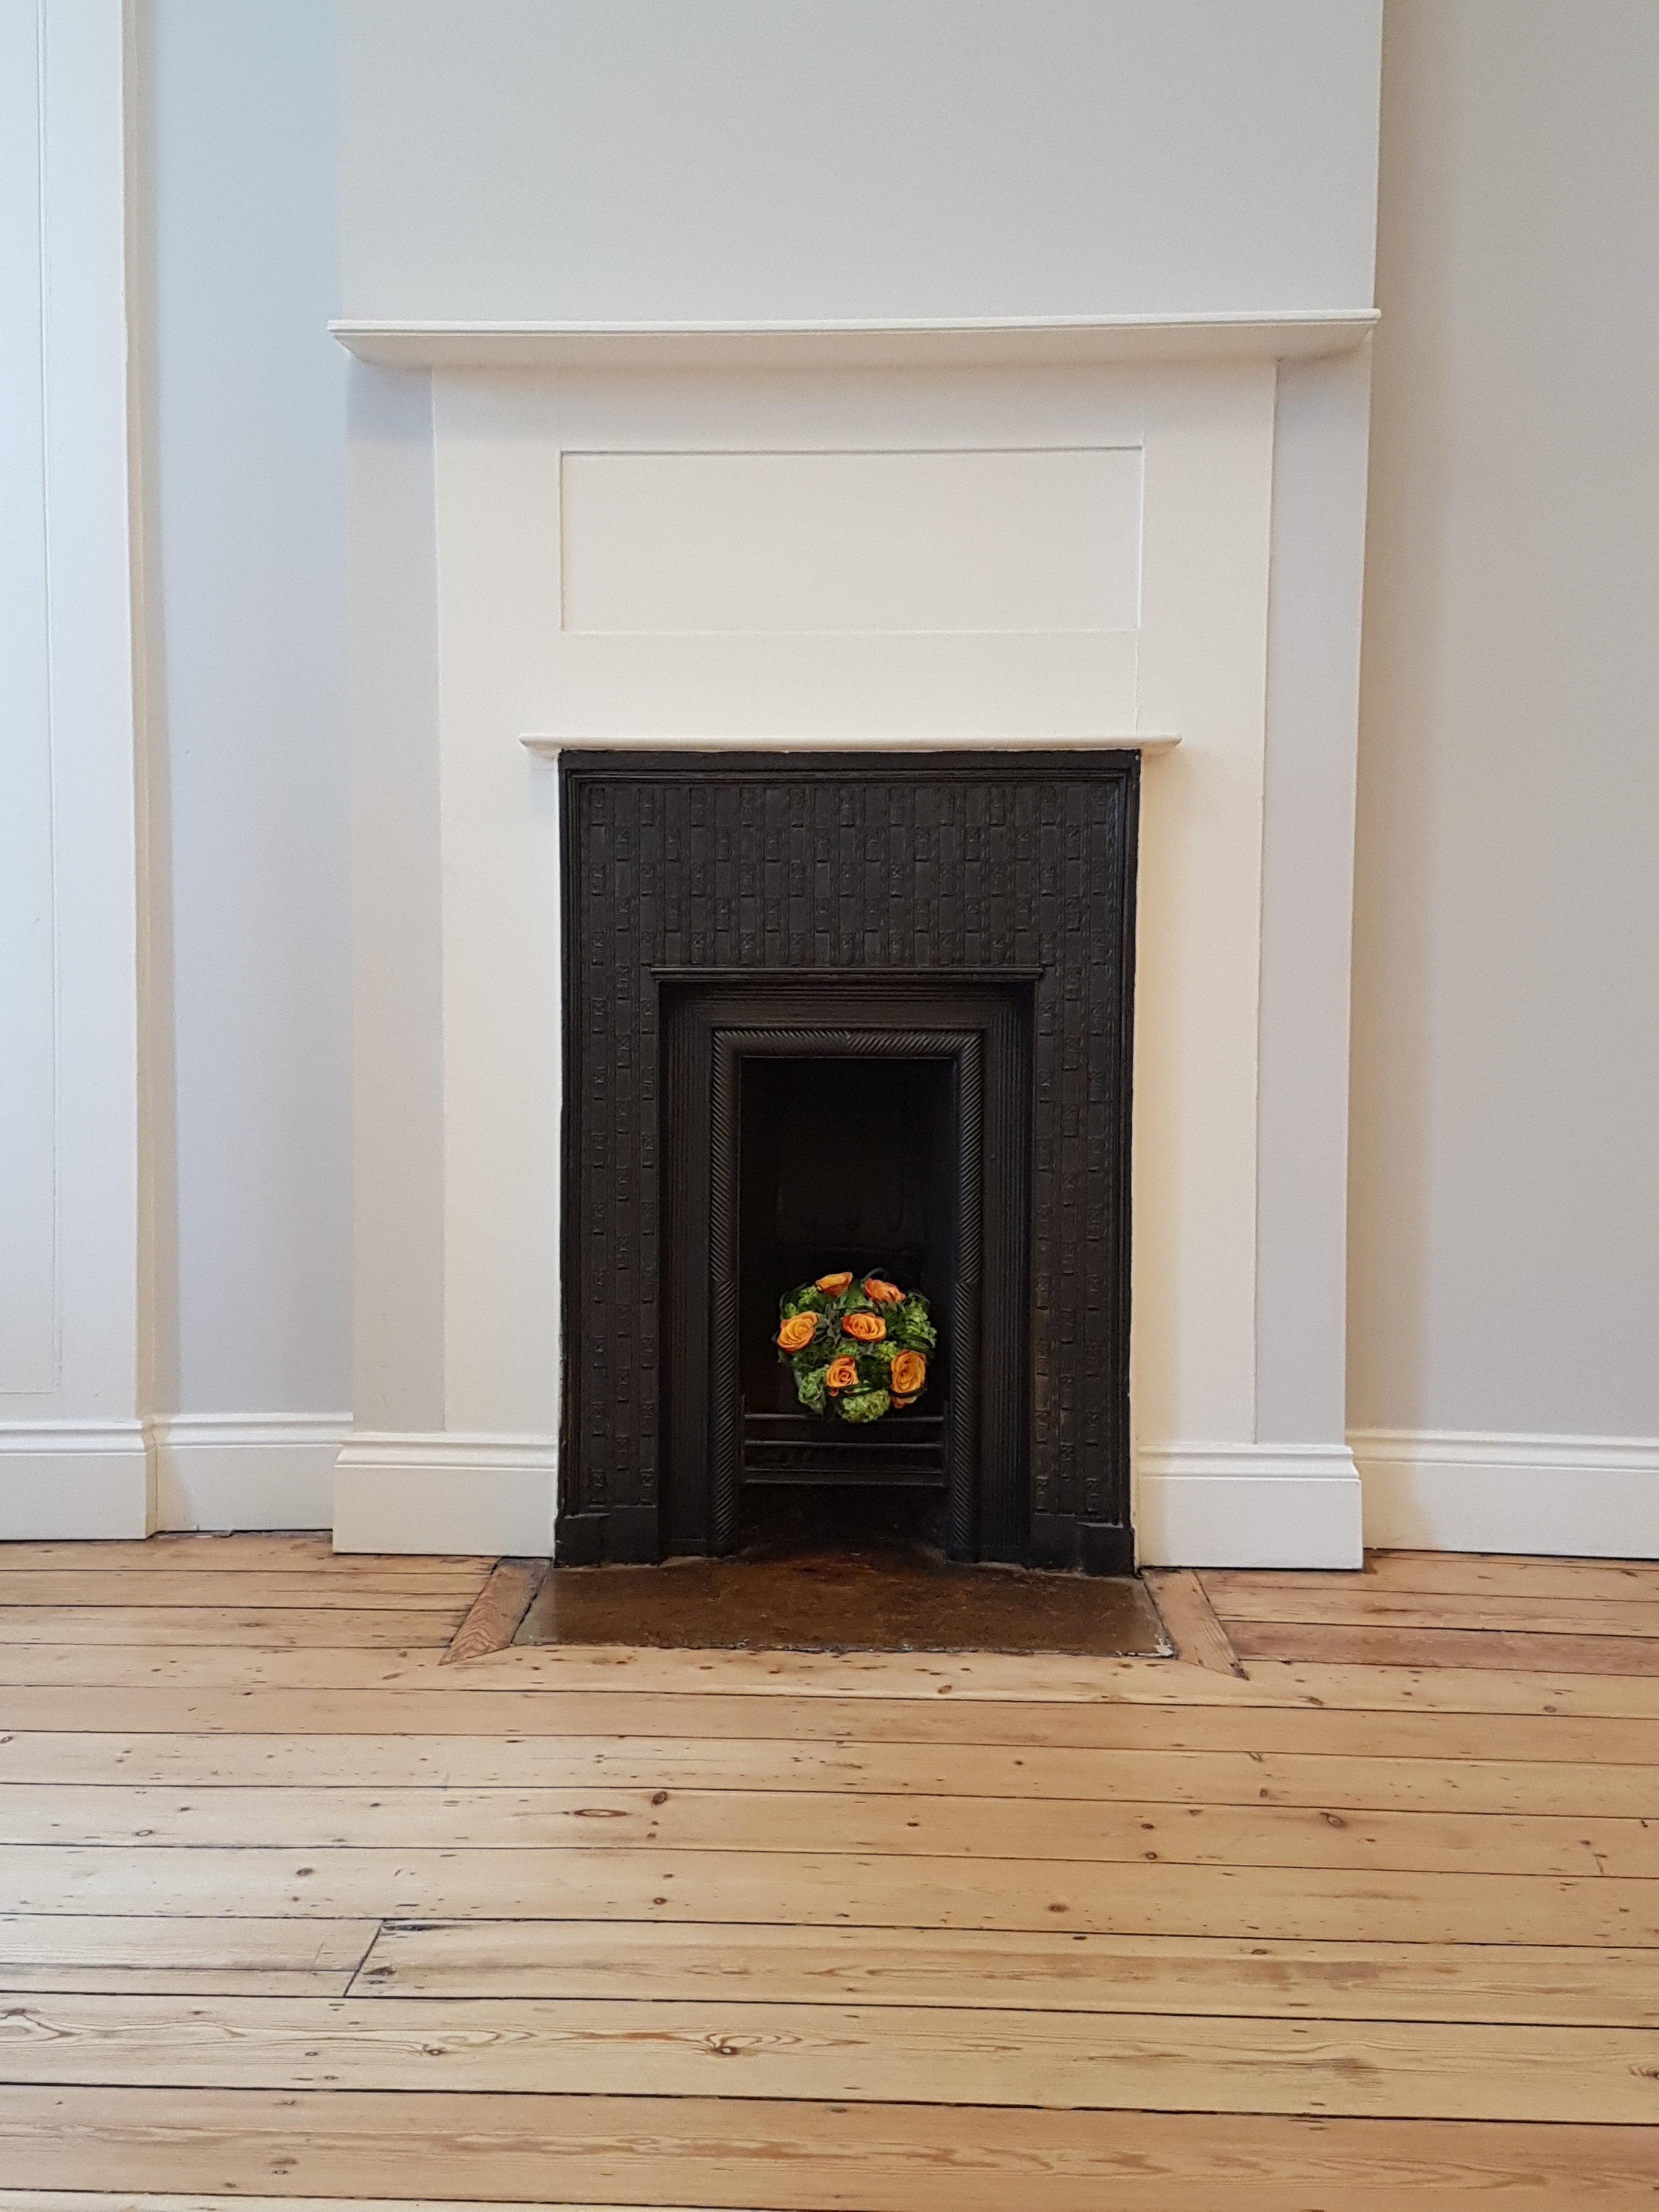 Boardoom Meeting Room Fireplace Detail.jpg